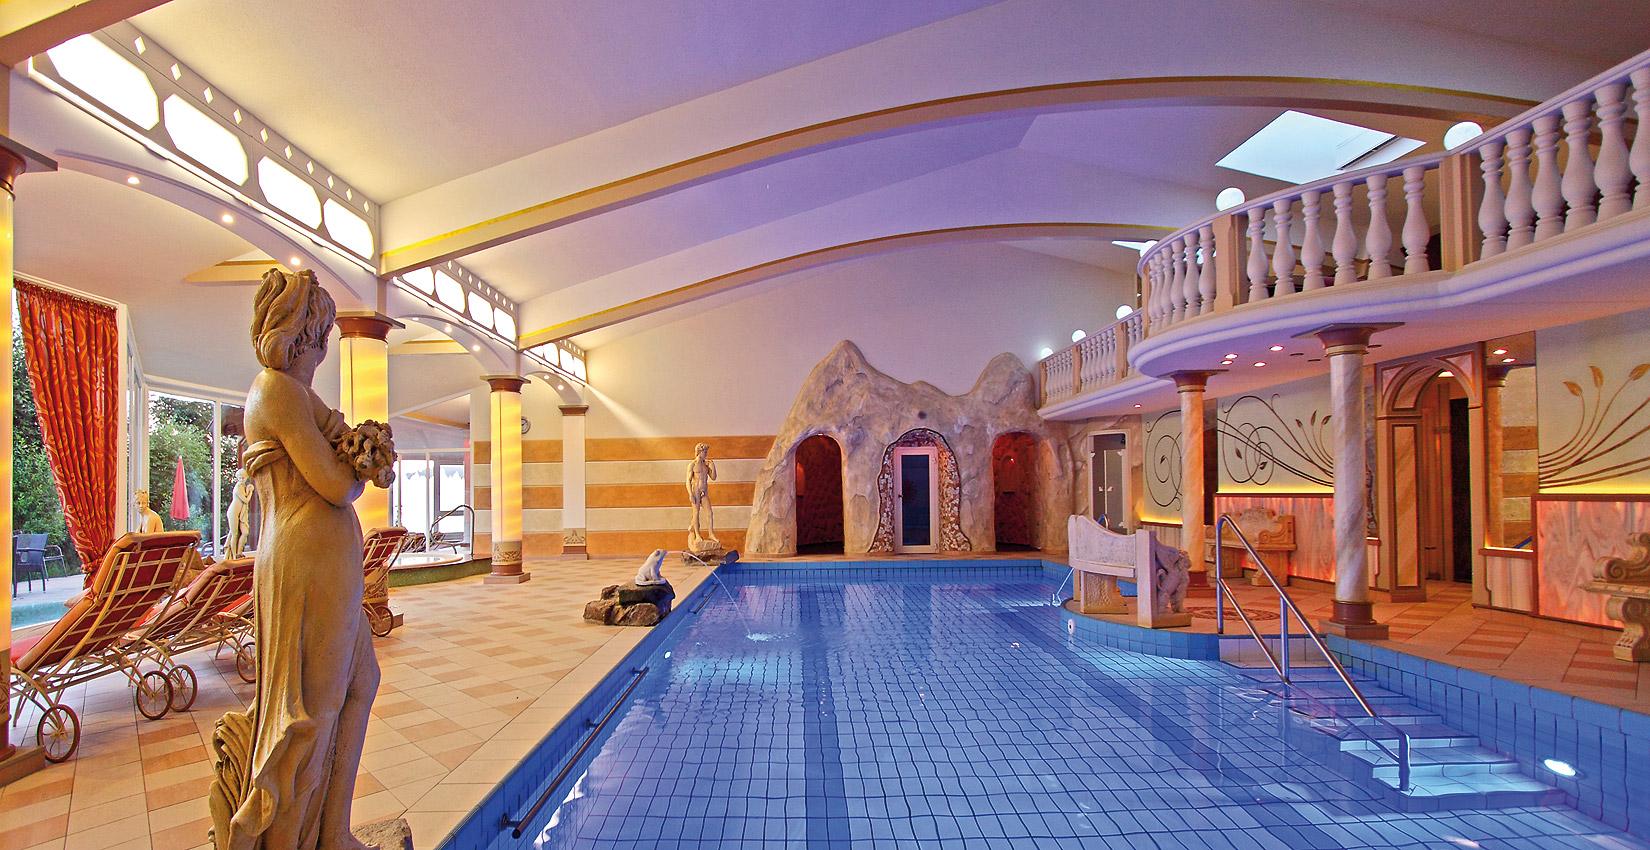 Hotel Bergknappenhof Hallenbad